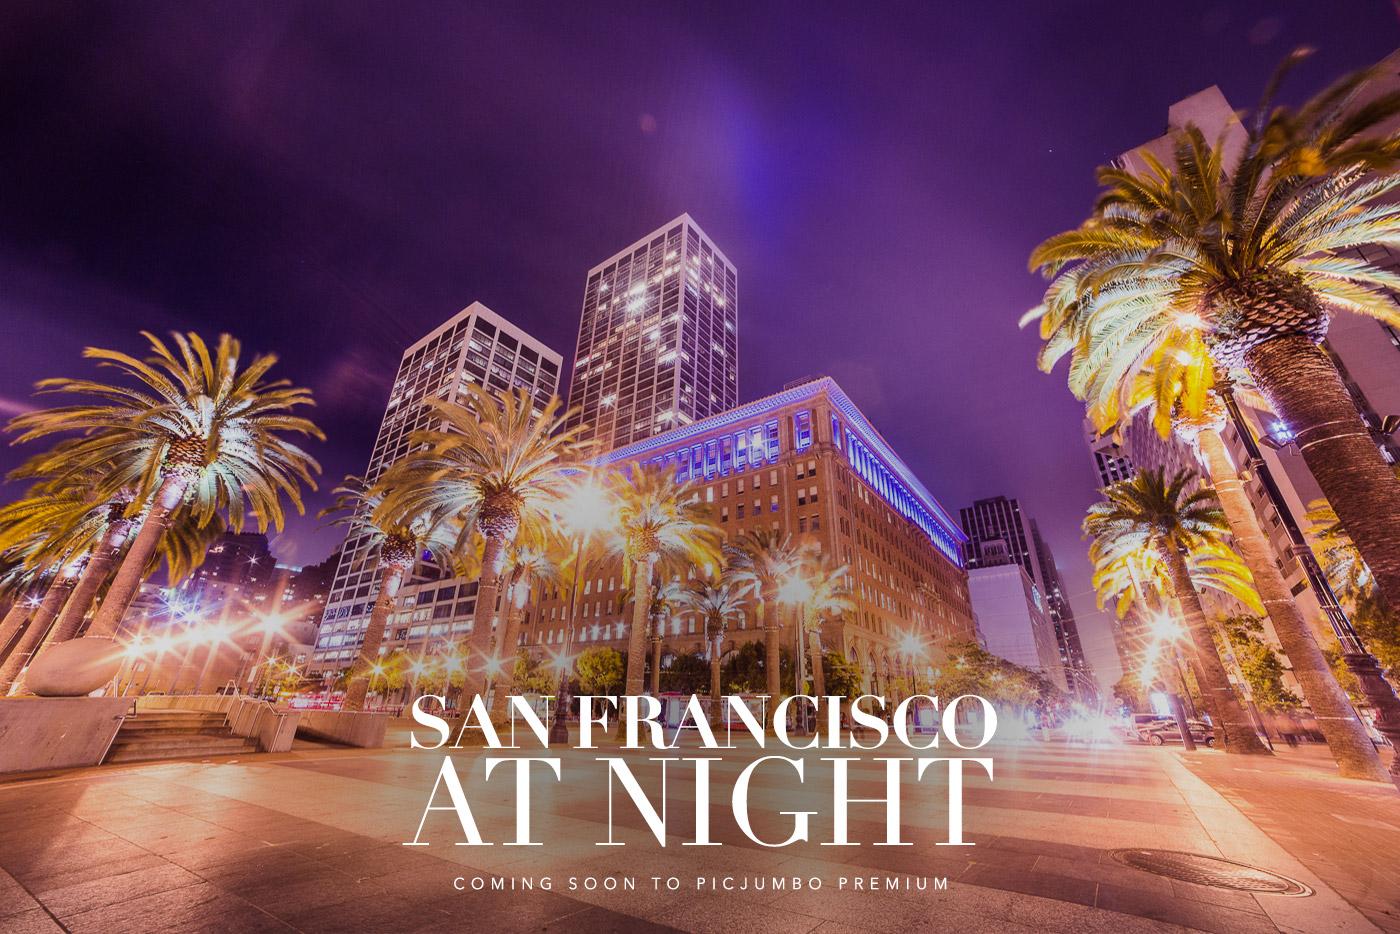 san-francisco-at-night-coming-soon